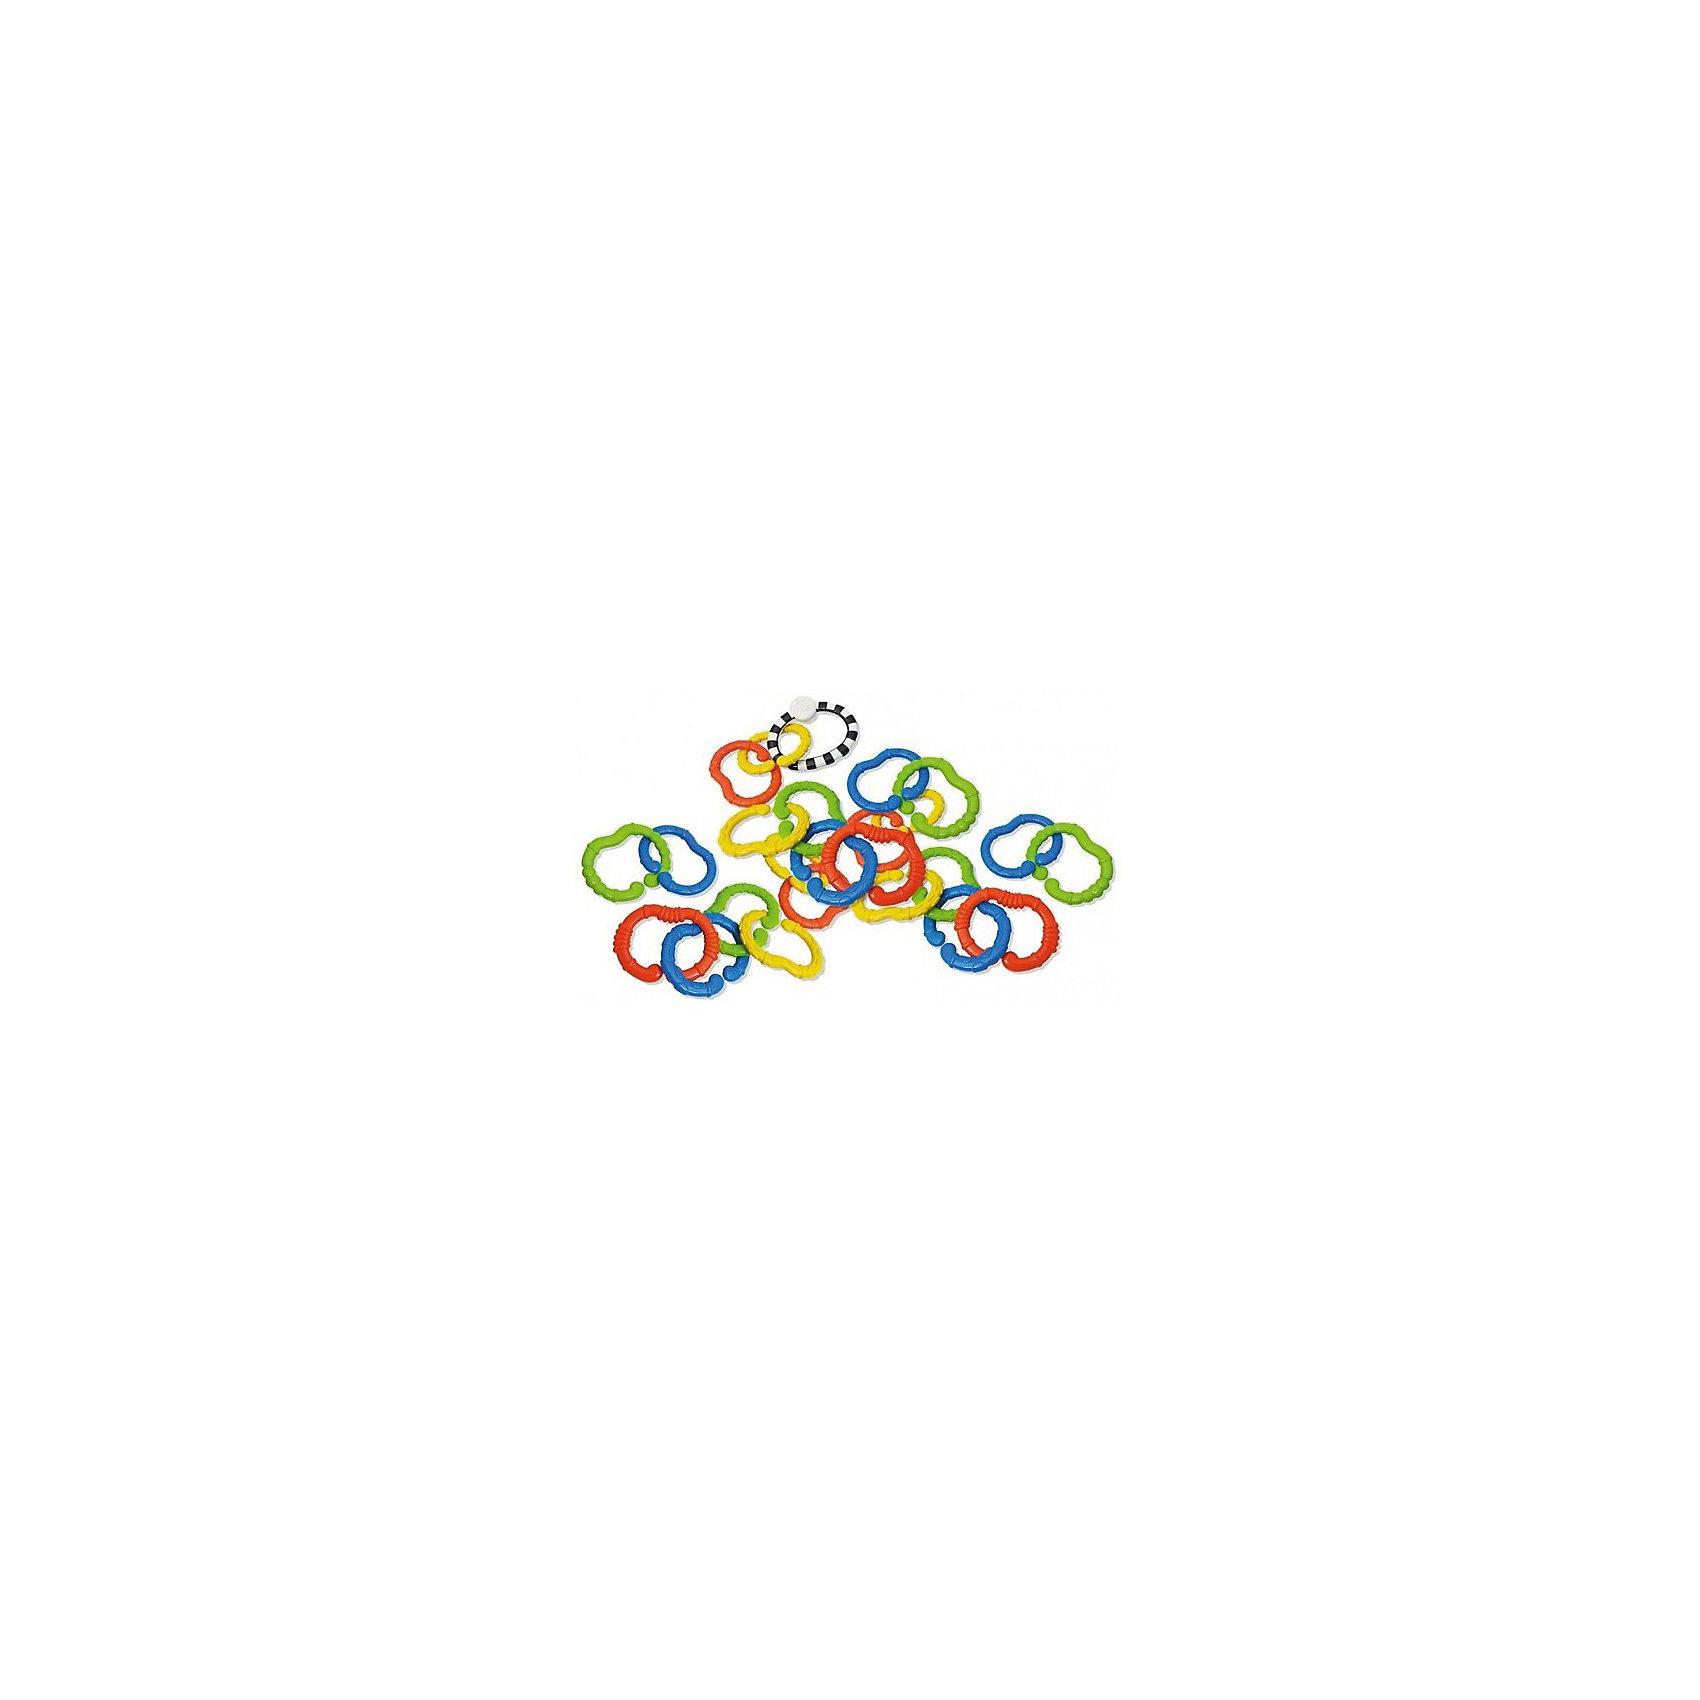 Игрушка - цепь Веселые колечки, 25 шт, BKidsРазвивающие игрушки<br>Развивать способности ребенка можно с самого раннего возраста. Делая это в игре, малыш всесторонне изучает мир и осваивает новые навыки. Эта игрушка представляет собой набор с разными цветами и текстурами. Это одновременно и прорезыватель!<br>Такие игрушки способствуют развитию мелкой моторики, воображения, цвето- и звуковосприятия, тактильных ощущений и обучению. Изделие разработано специально для самых маленьких. Сделано из материалов, безопасных для детей.<br><br>Дополнительная информация:<br><br>цвет: разноцветный;<br>комплектация: 25 шт;<br>возраст: с рождения.<br><br>Игрушку - цепь Веселые колечки, 25 шт, от бренда BKids можно купить в нашем интернет-магазине.<br><br>Ширина мм: 68<br>Глубина мм: 68<br>Высота мм: 216<br>Вес г: 191<br>Возраст от месяцев: 12<br>Возраст до месяцев: 36<br>Пол: Унисекс<br>Возраст: Детский<br>SKU: 5055395